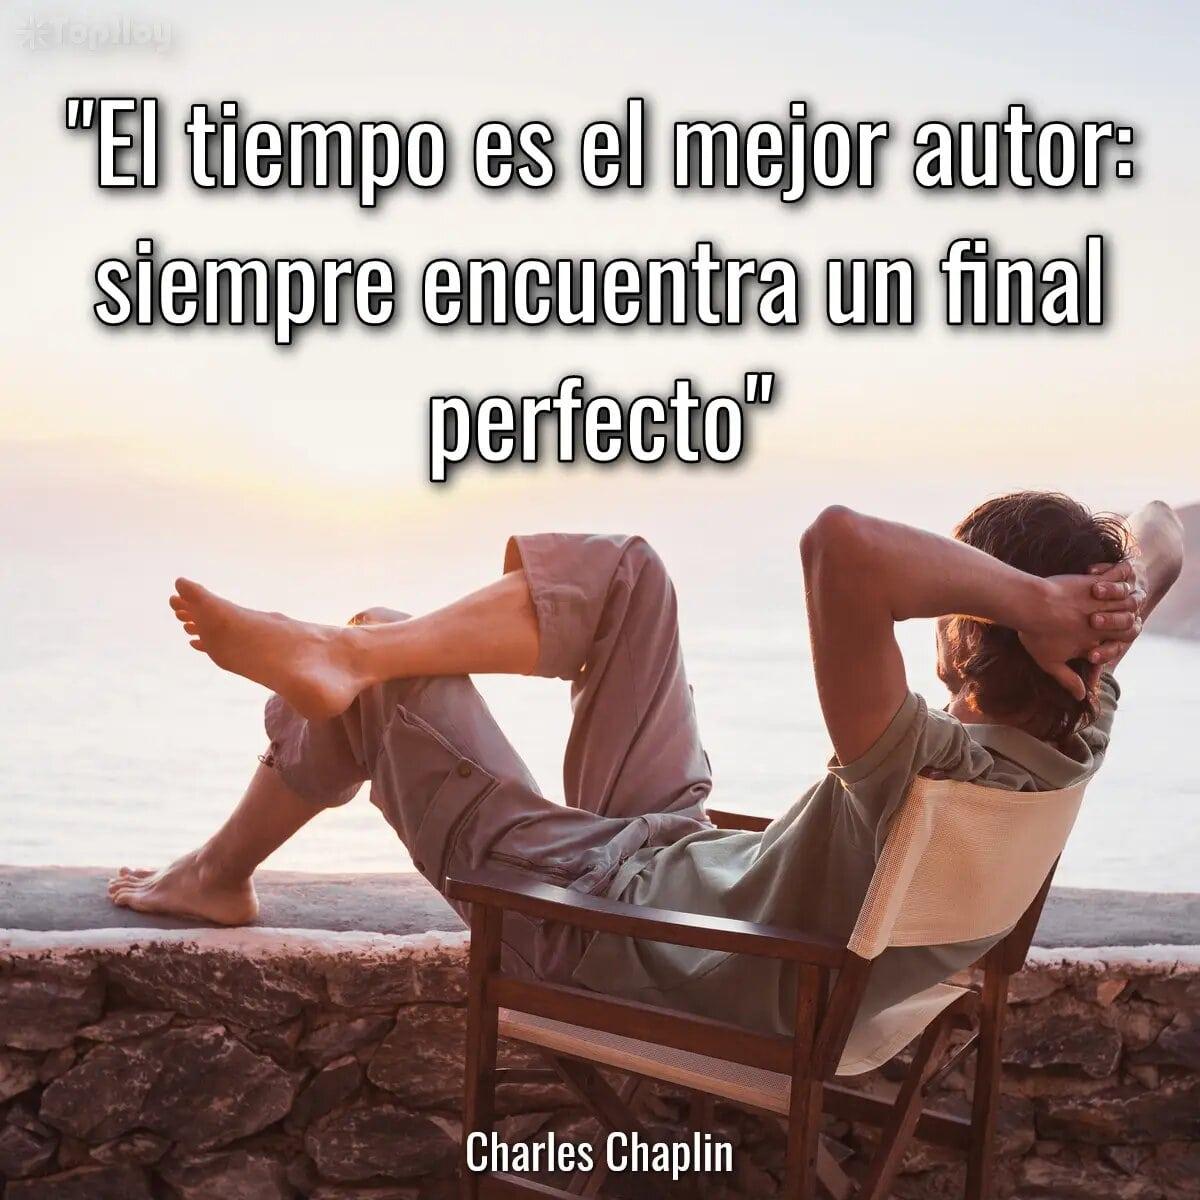 El tiempo es el mejor autor: siempre encuentra un final perfecto.